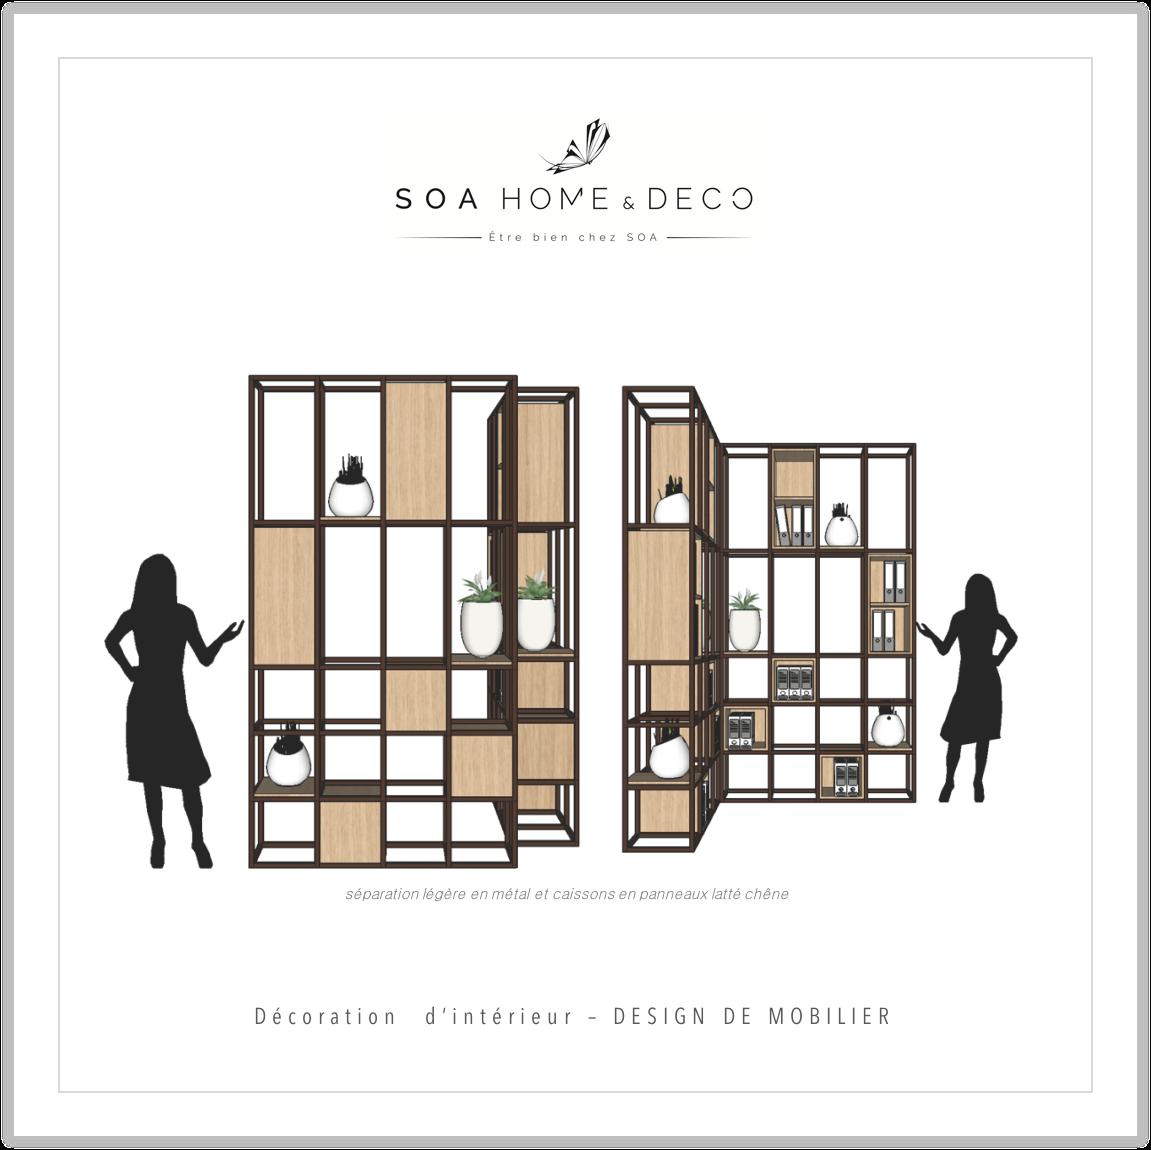 SOA H&D_COACHING DECO_PHOTO CADRE DESIGN MOBILIER